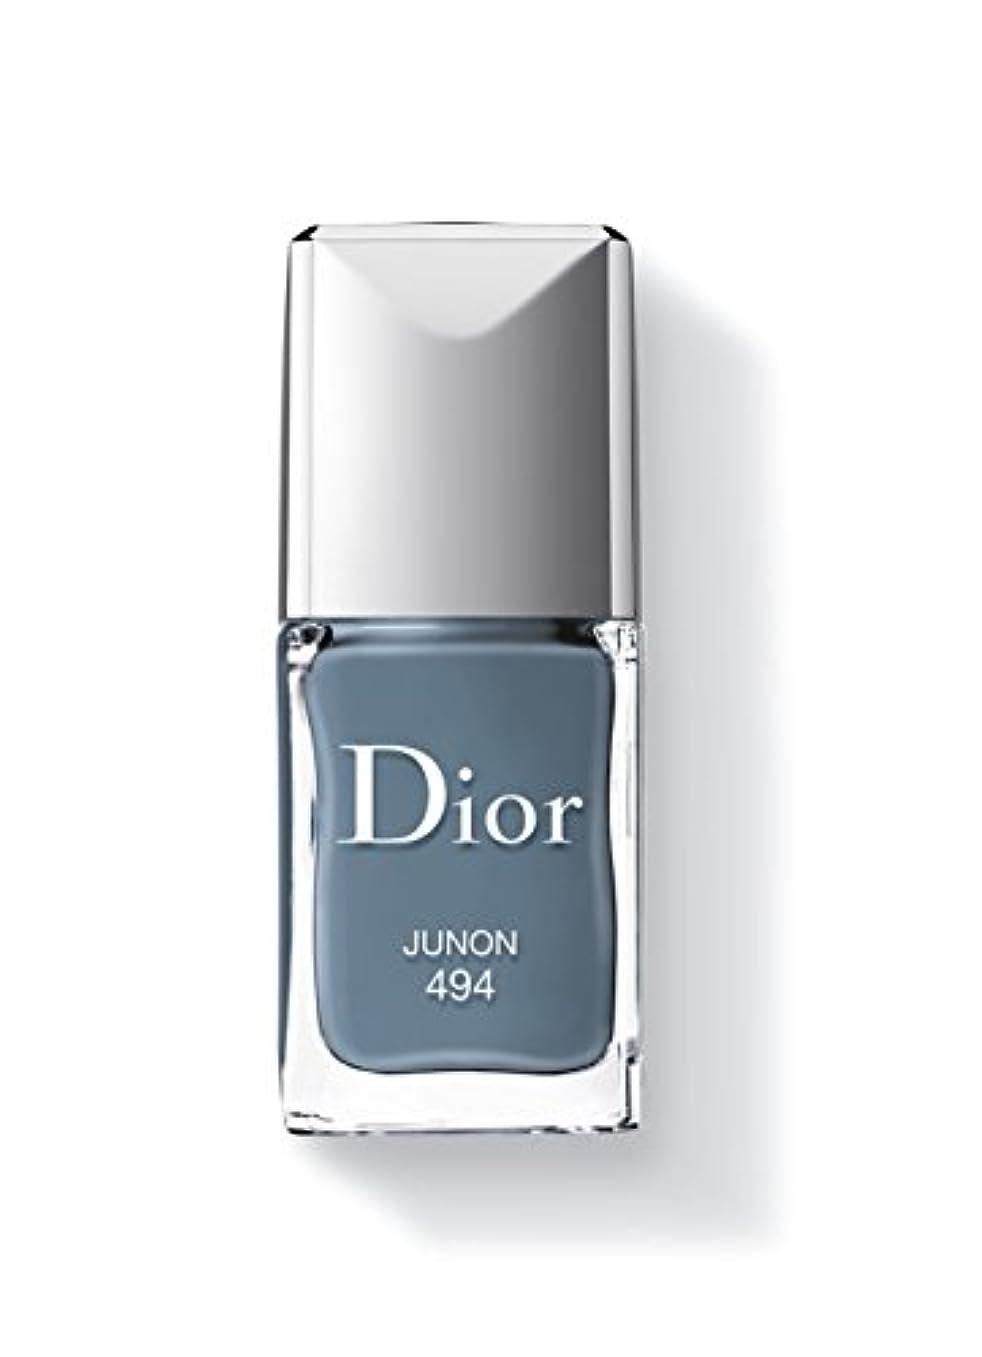 空洞最近読者Dior ディオール ヴェルニ #494 ジュノン 10ml [並行輸入品]